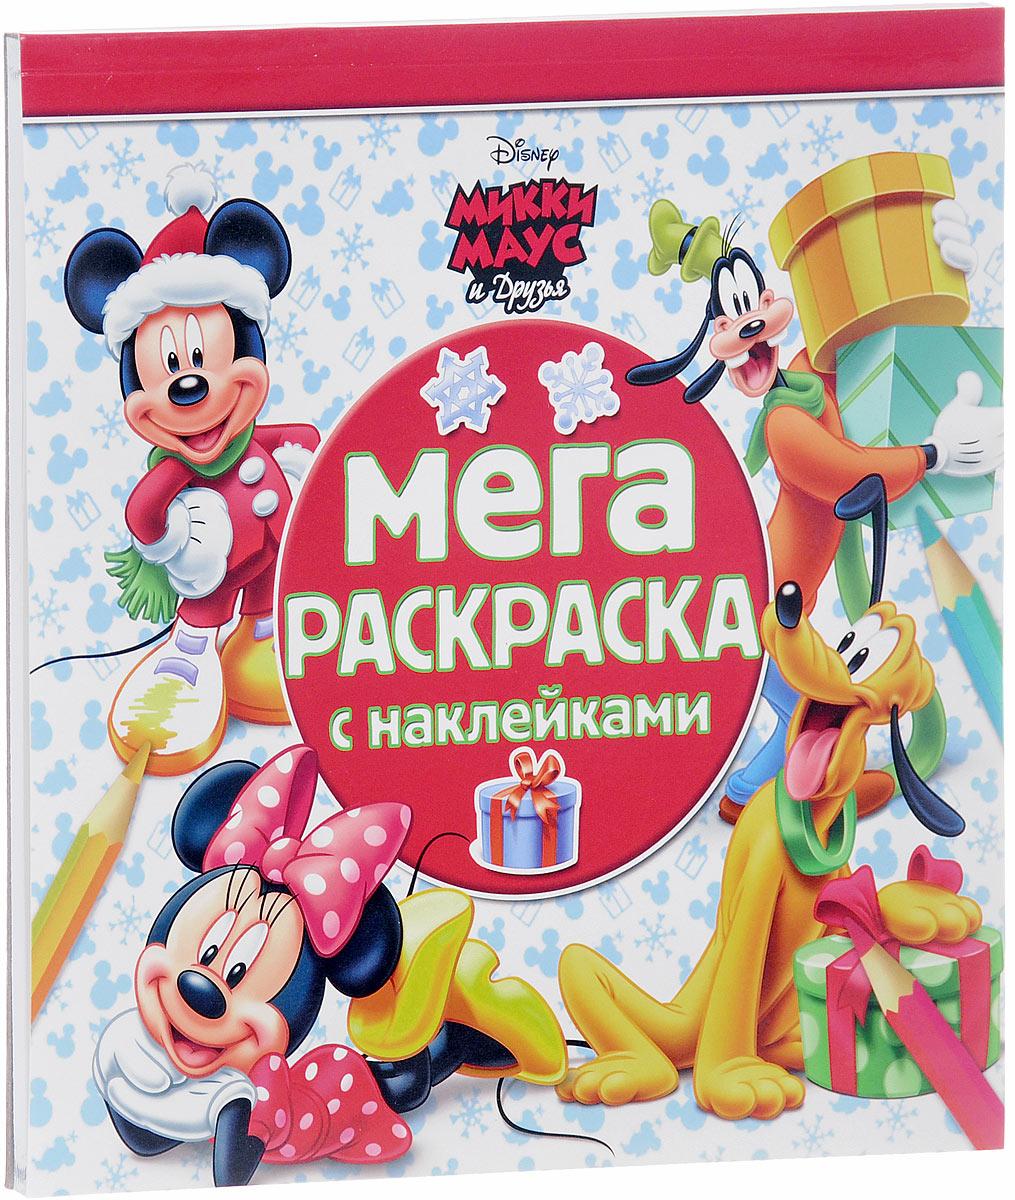 Купить Микки Маус и друзья. Мега-раскраска с наклейками